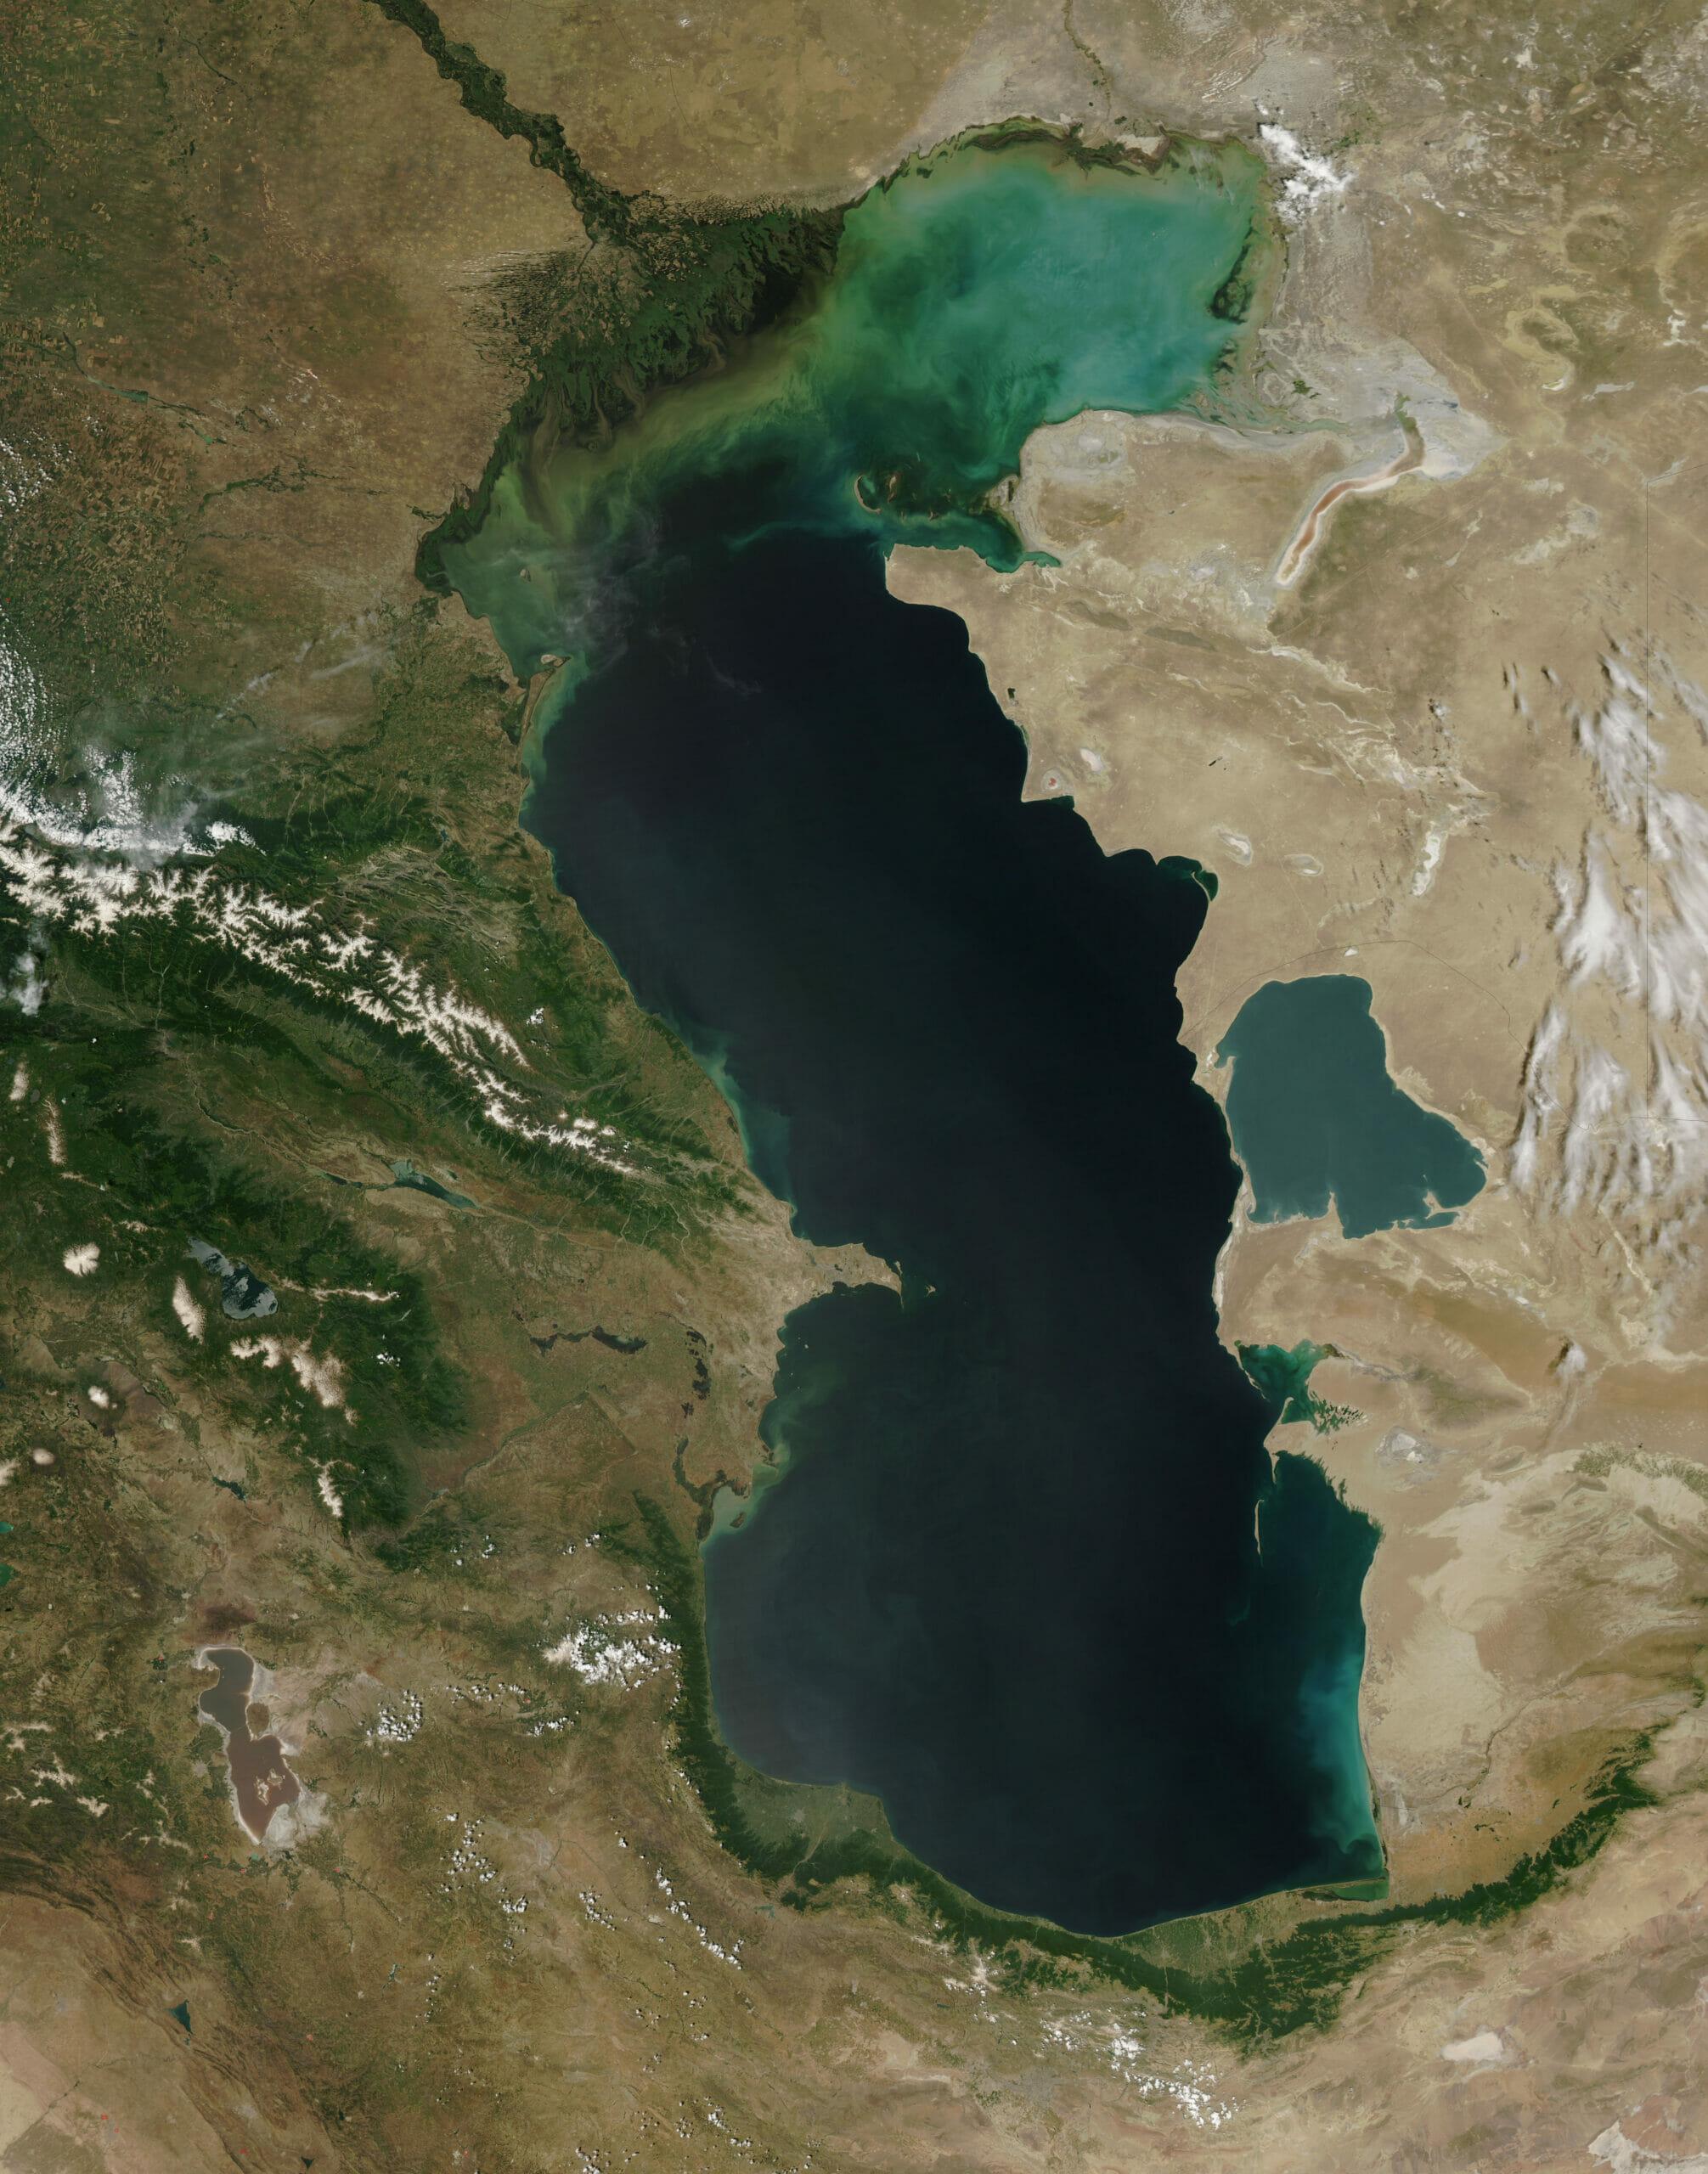 ظرفیت ژئوپلیتیکی دریای کاسپین راهی برای گشایش اقتصادی